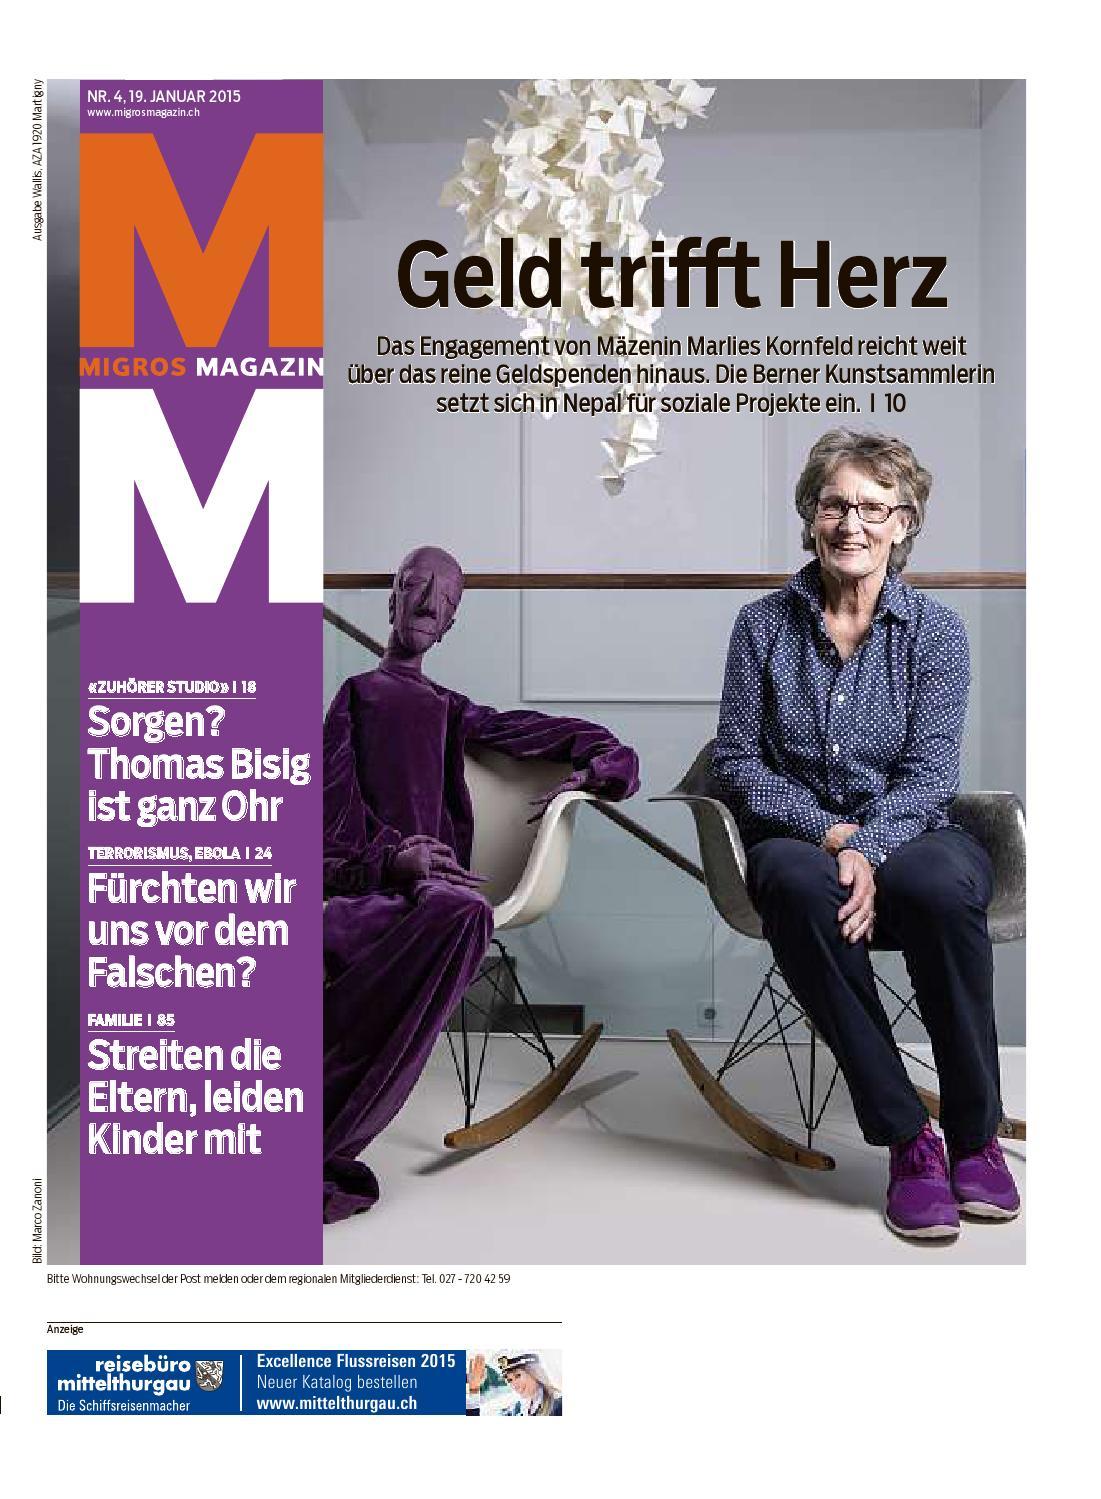 eb4c4dad96d232 Migros magazin 04 2015 d vs by Migros-Genossenschafts-Bund - issuu